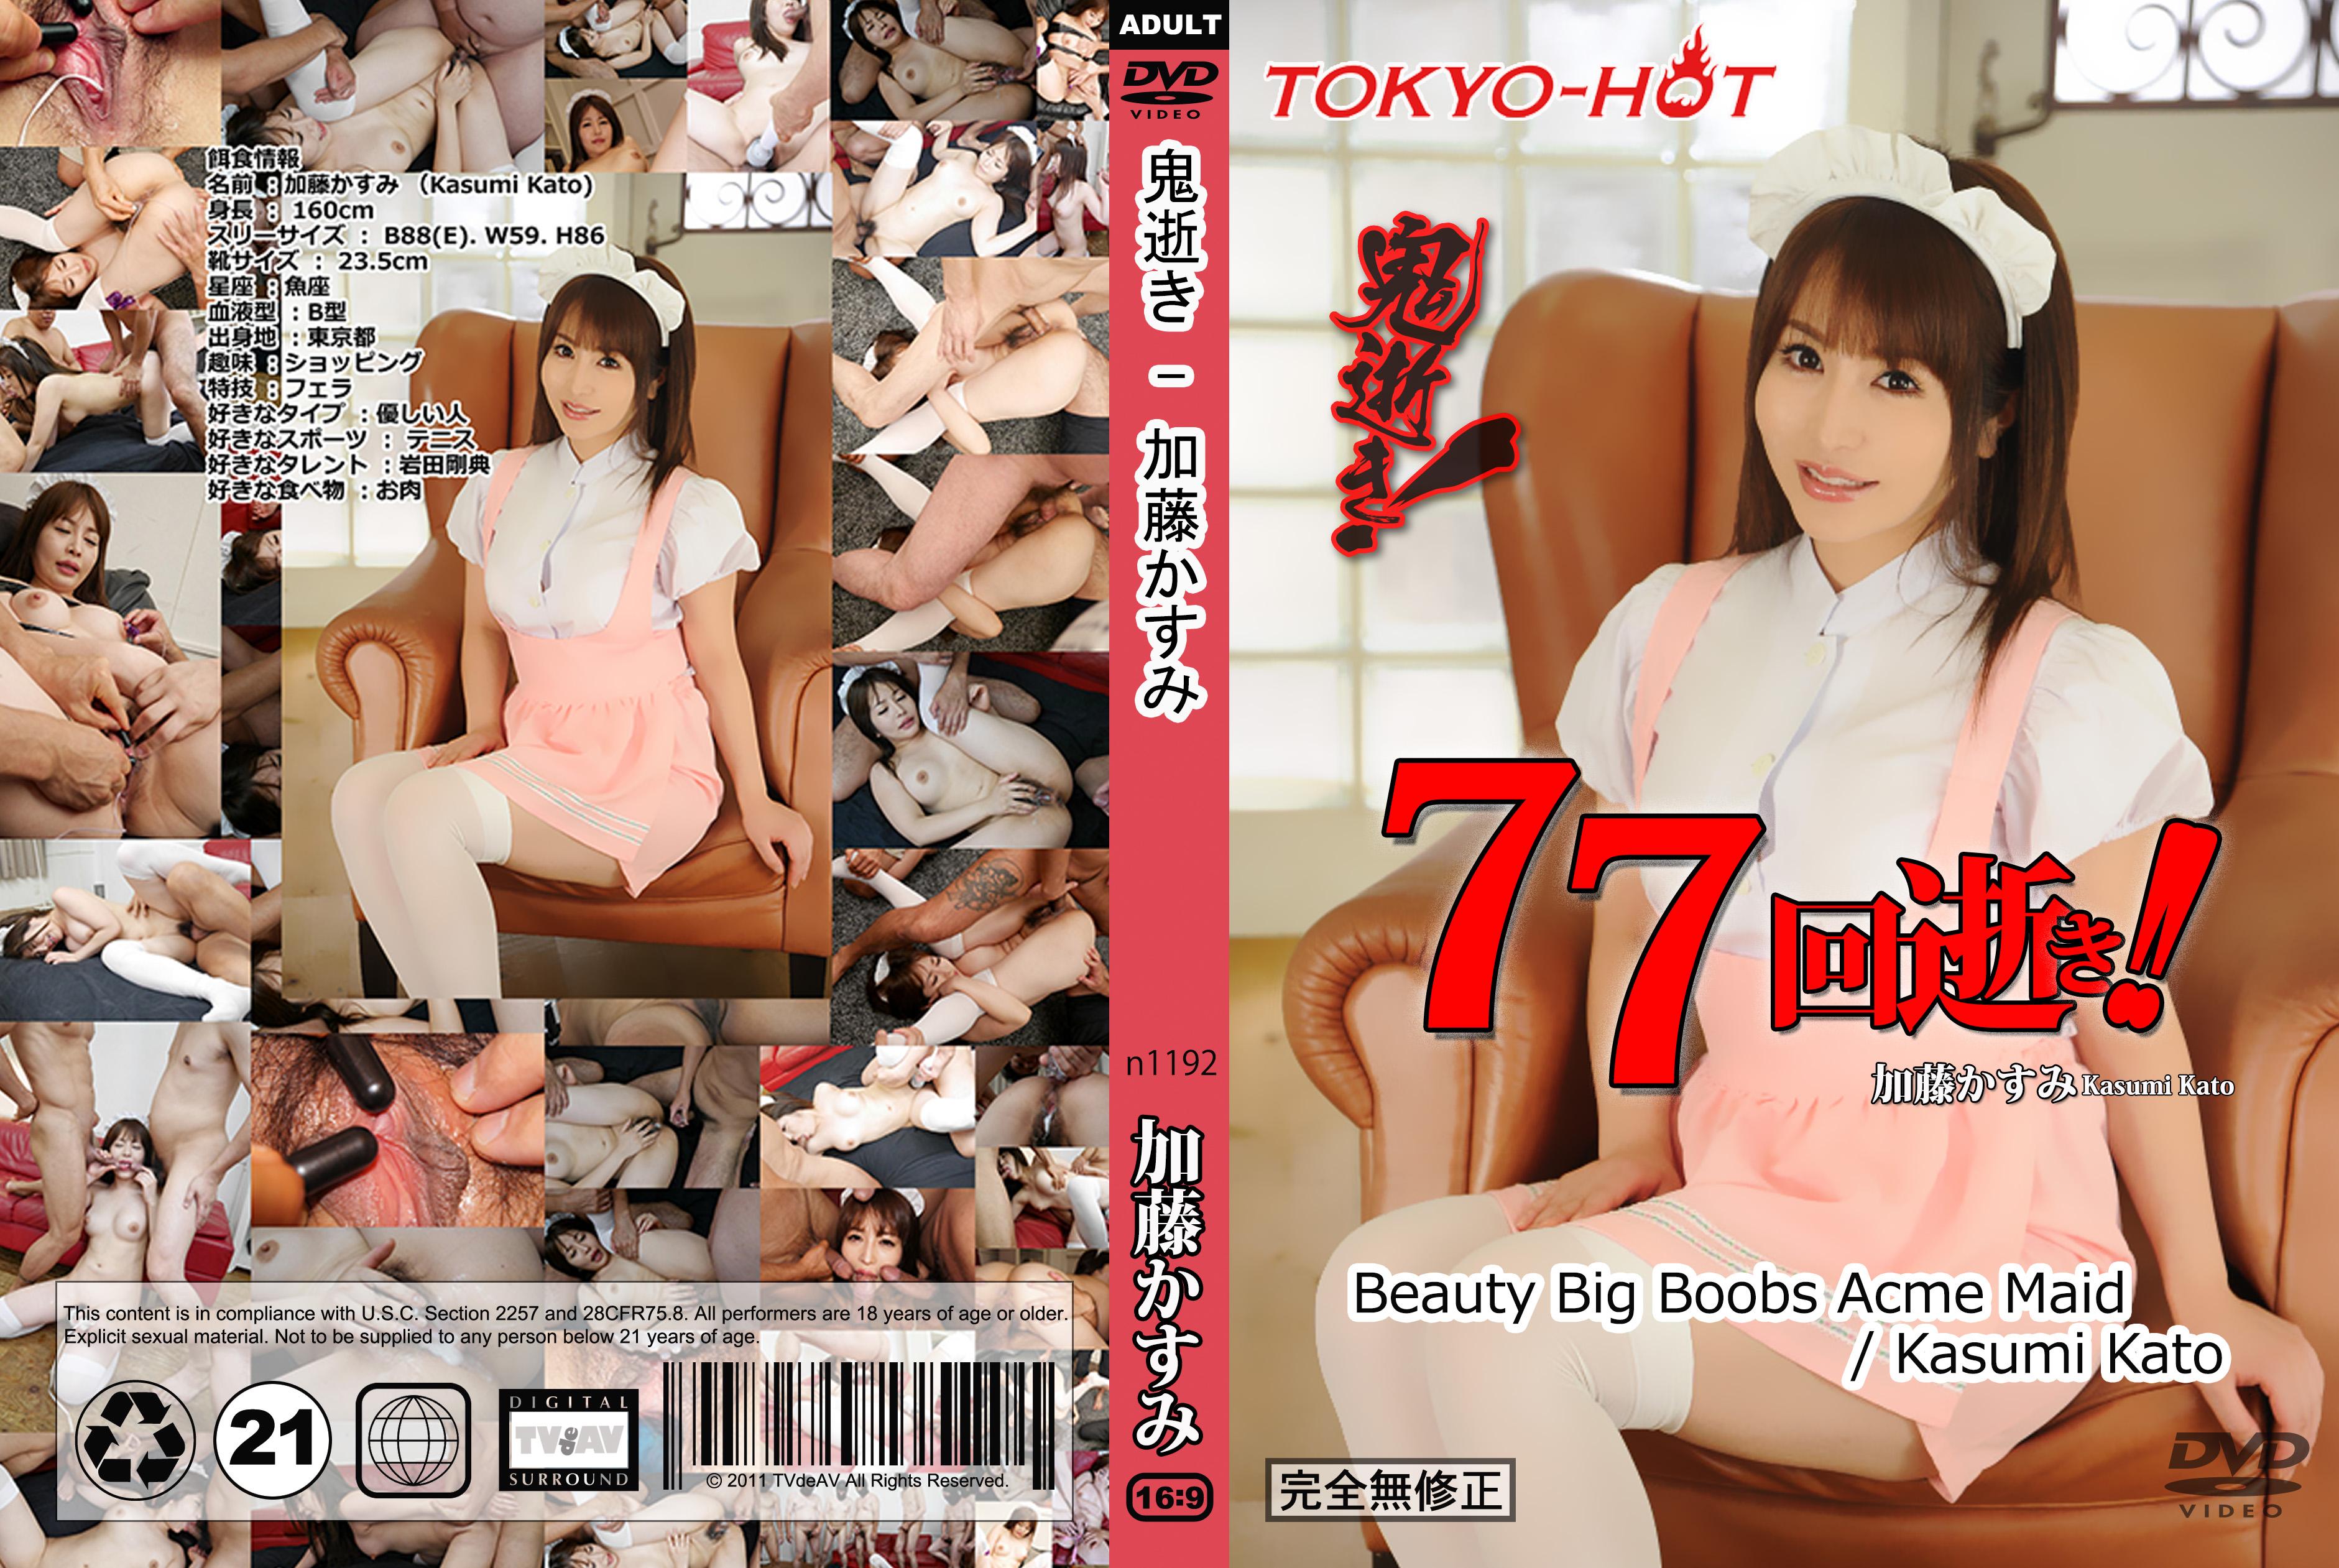 tokyo-hot-n1192-餌食牝 -#45; 加藤かすみ